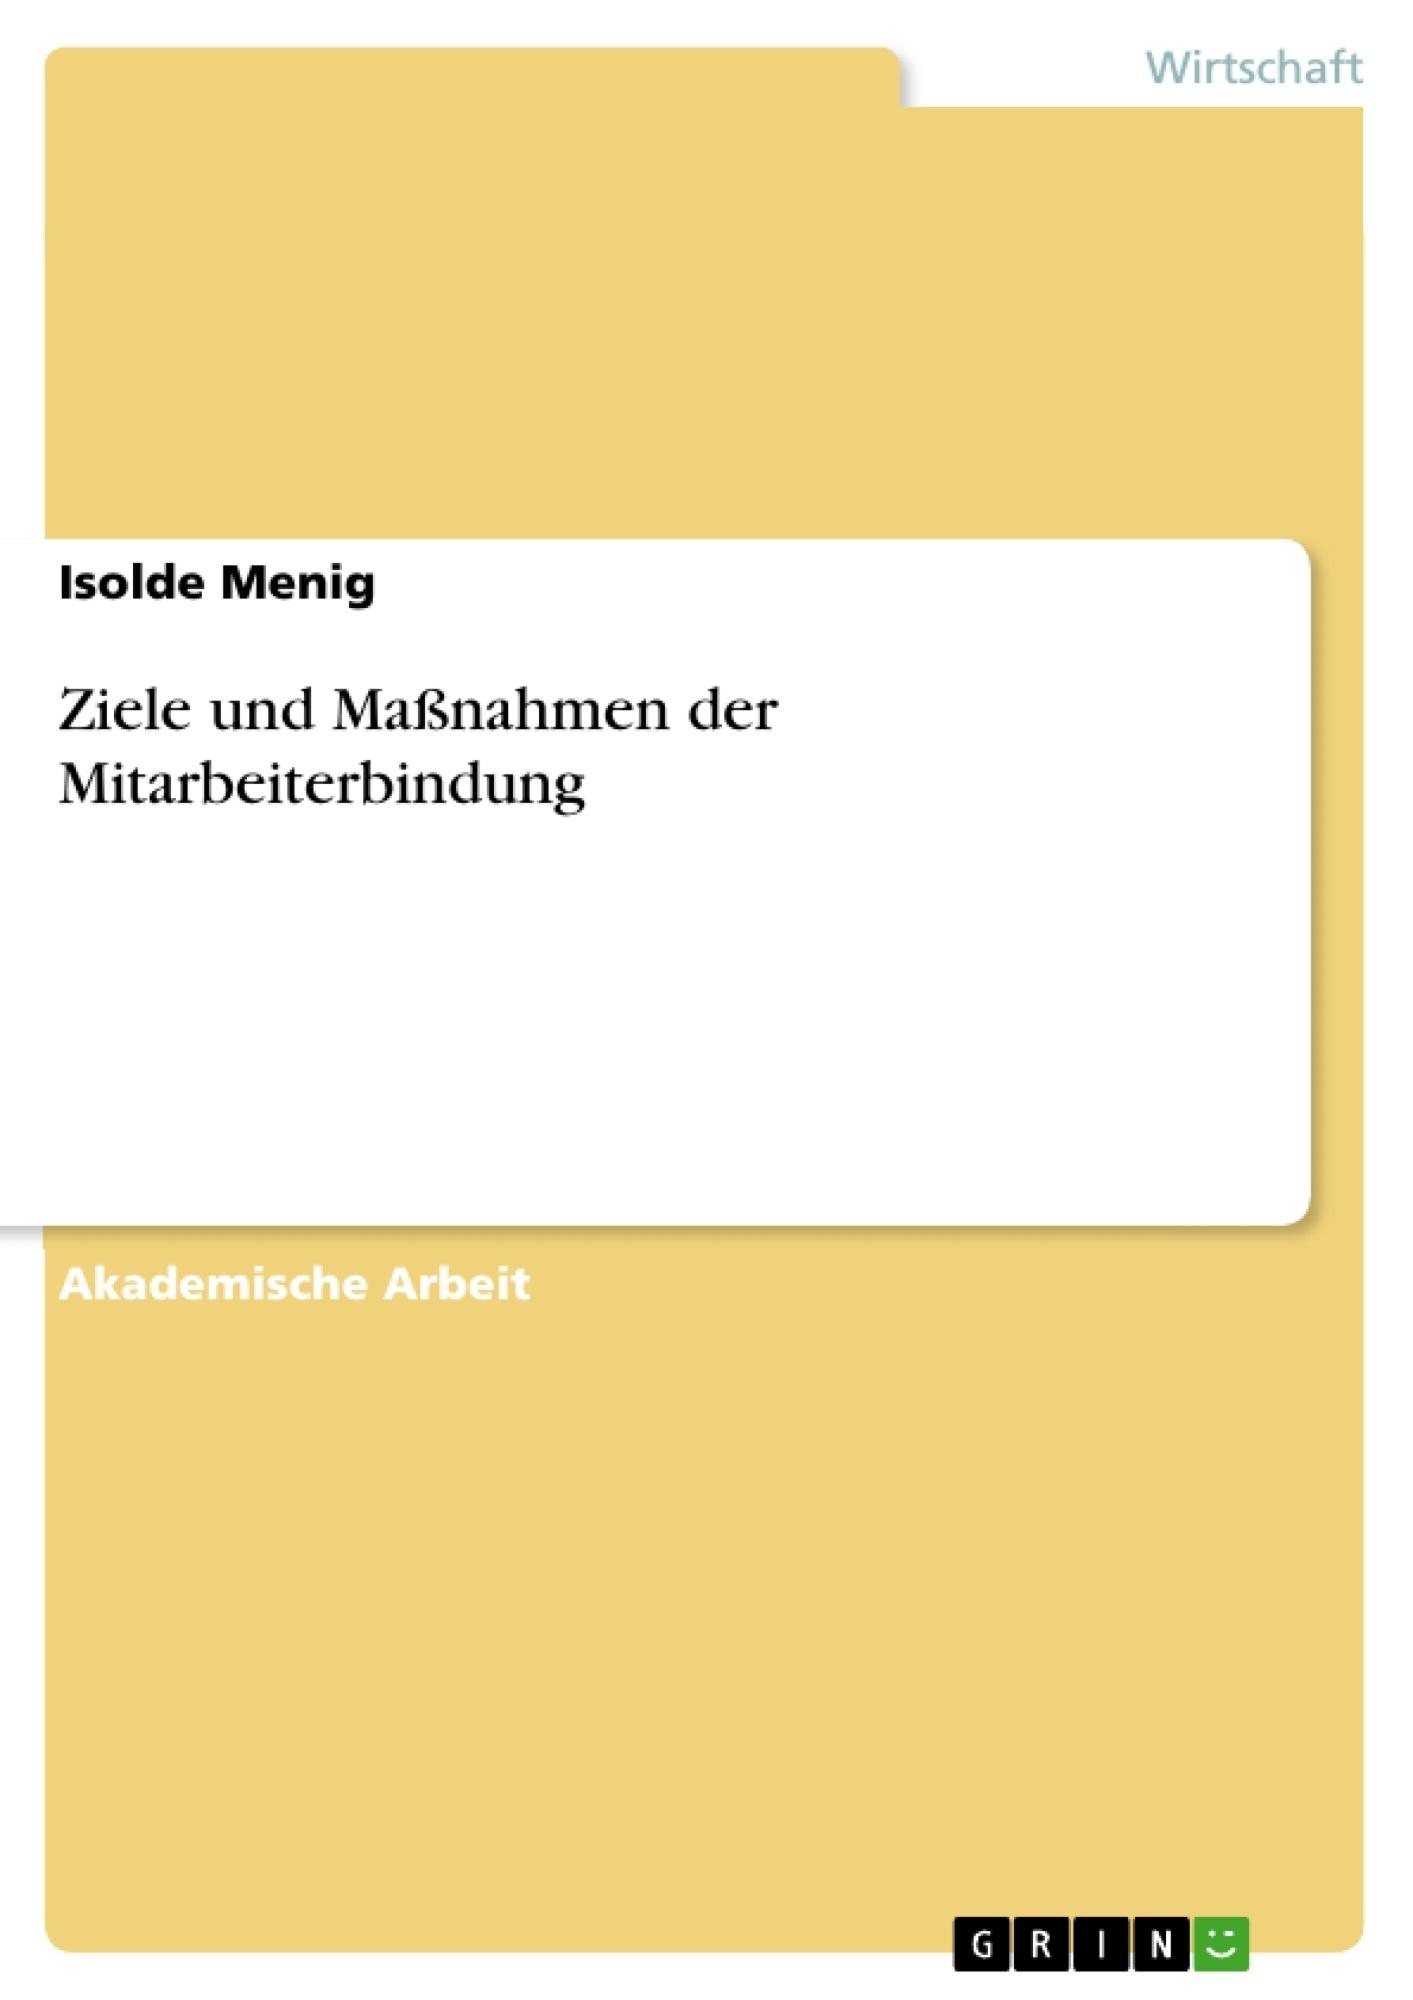 Titel: Ziele und Maßnahmen der Mitarbeiterbindung